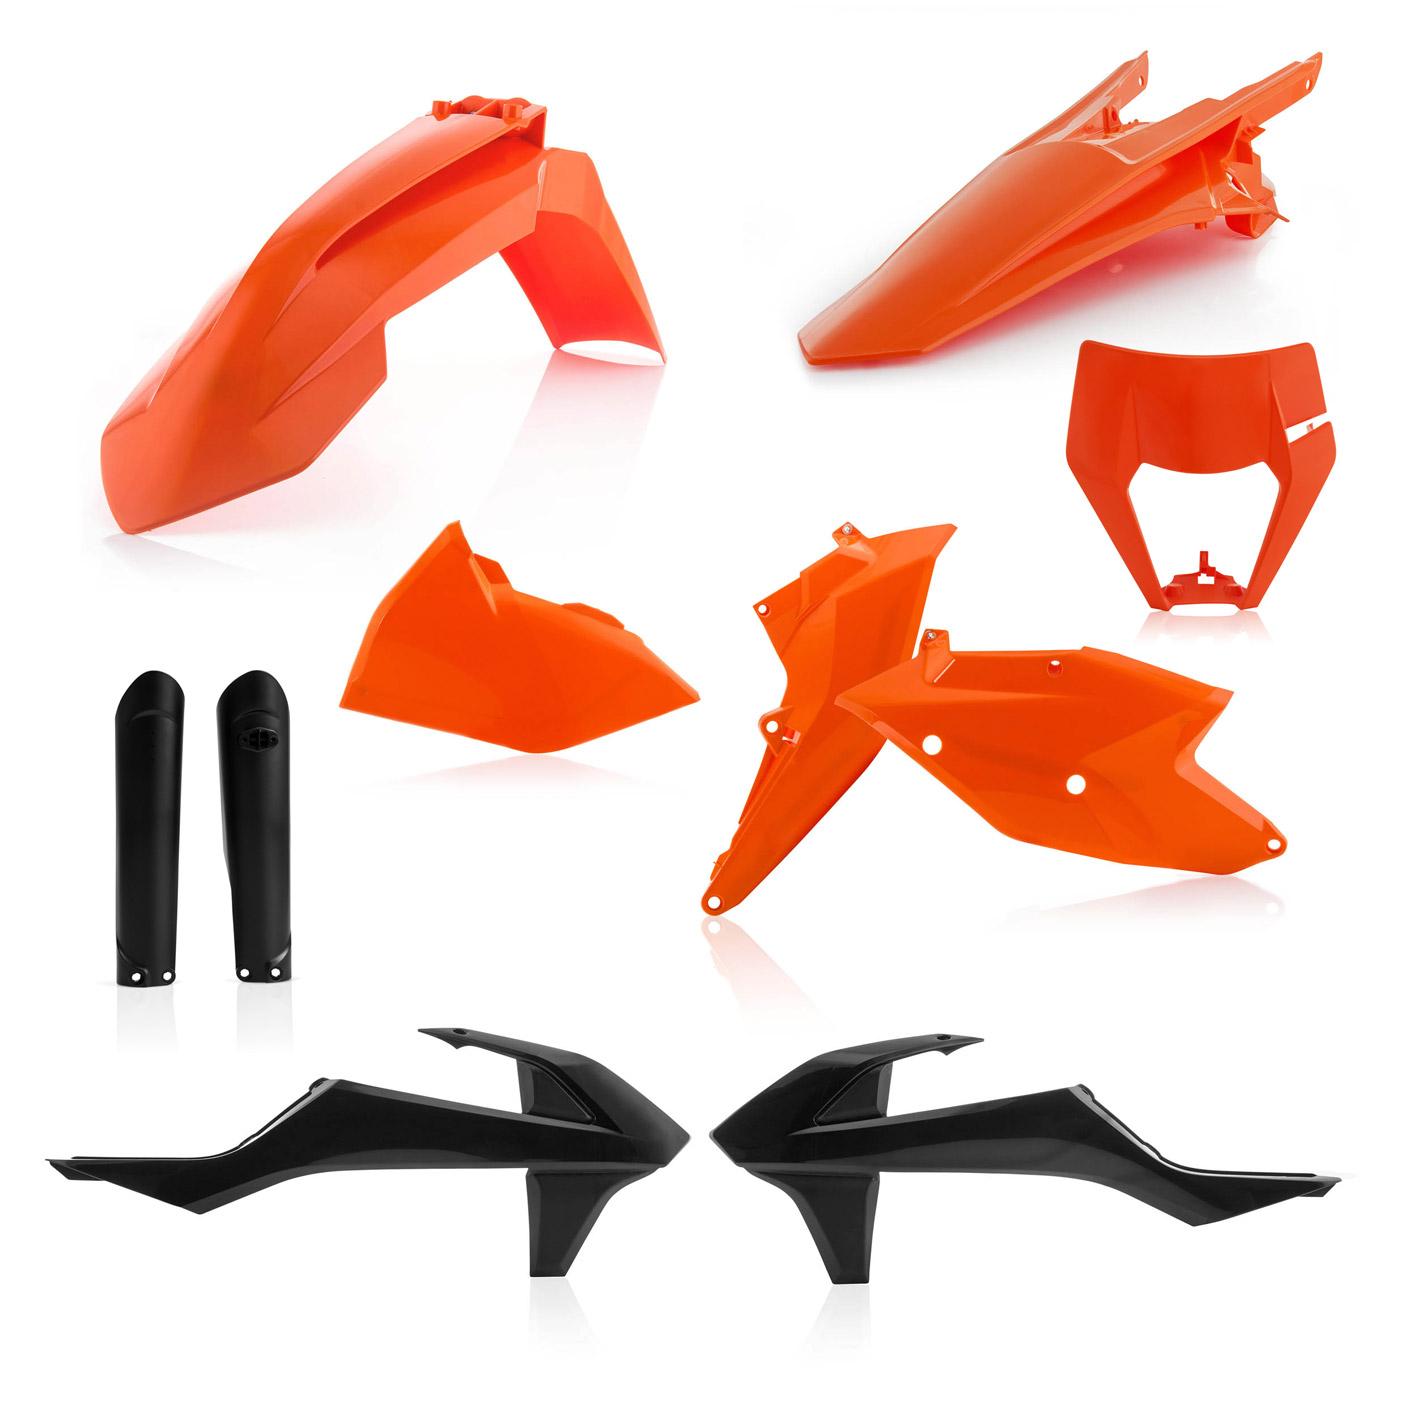 Plastikteile für deine KTM EXC und EXC-F in den OEM Farben von 2019, bestehend aus Frontkotflügel, Heckkotflügel, Tankspoiler, Gabelschoner, Nummerntafeln und Lampenmaske